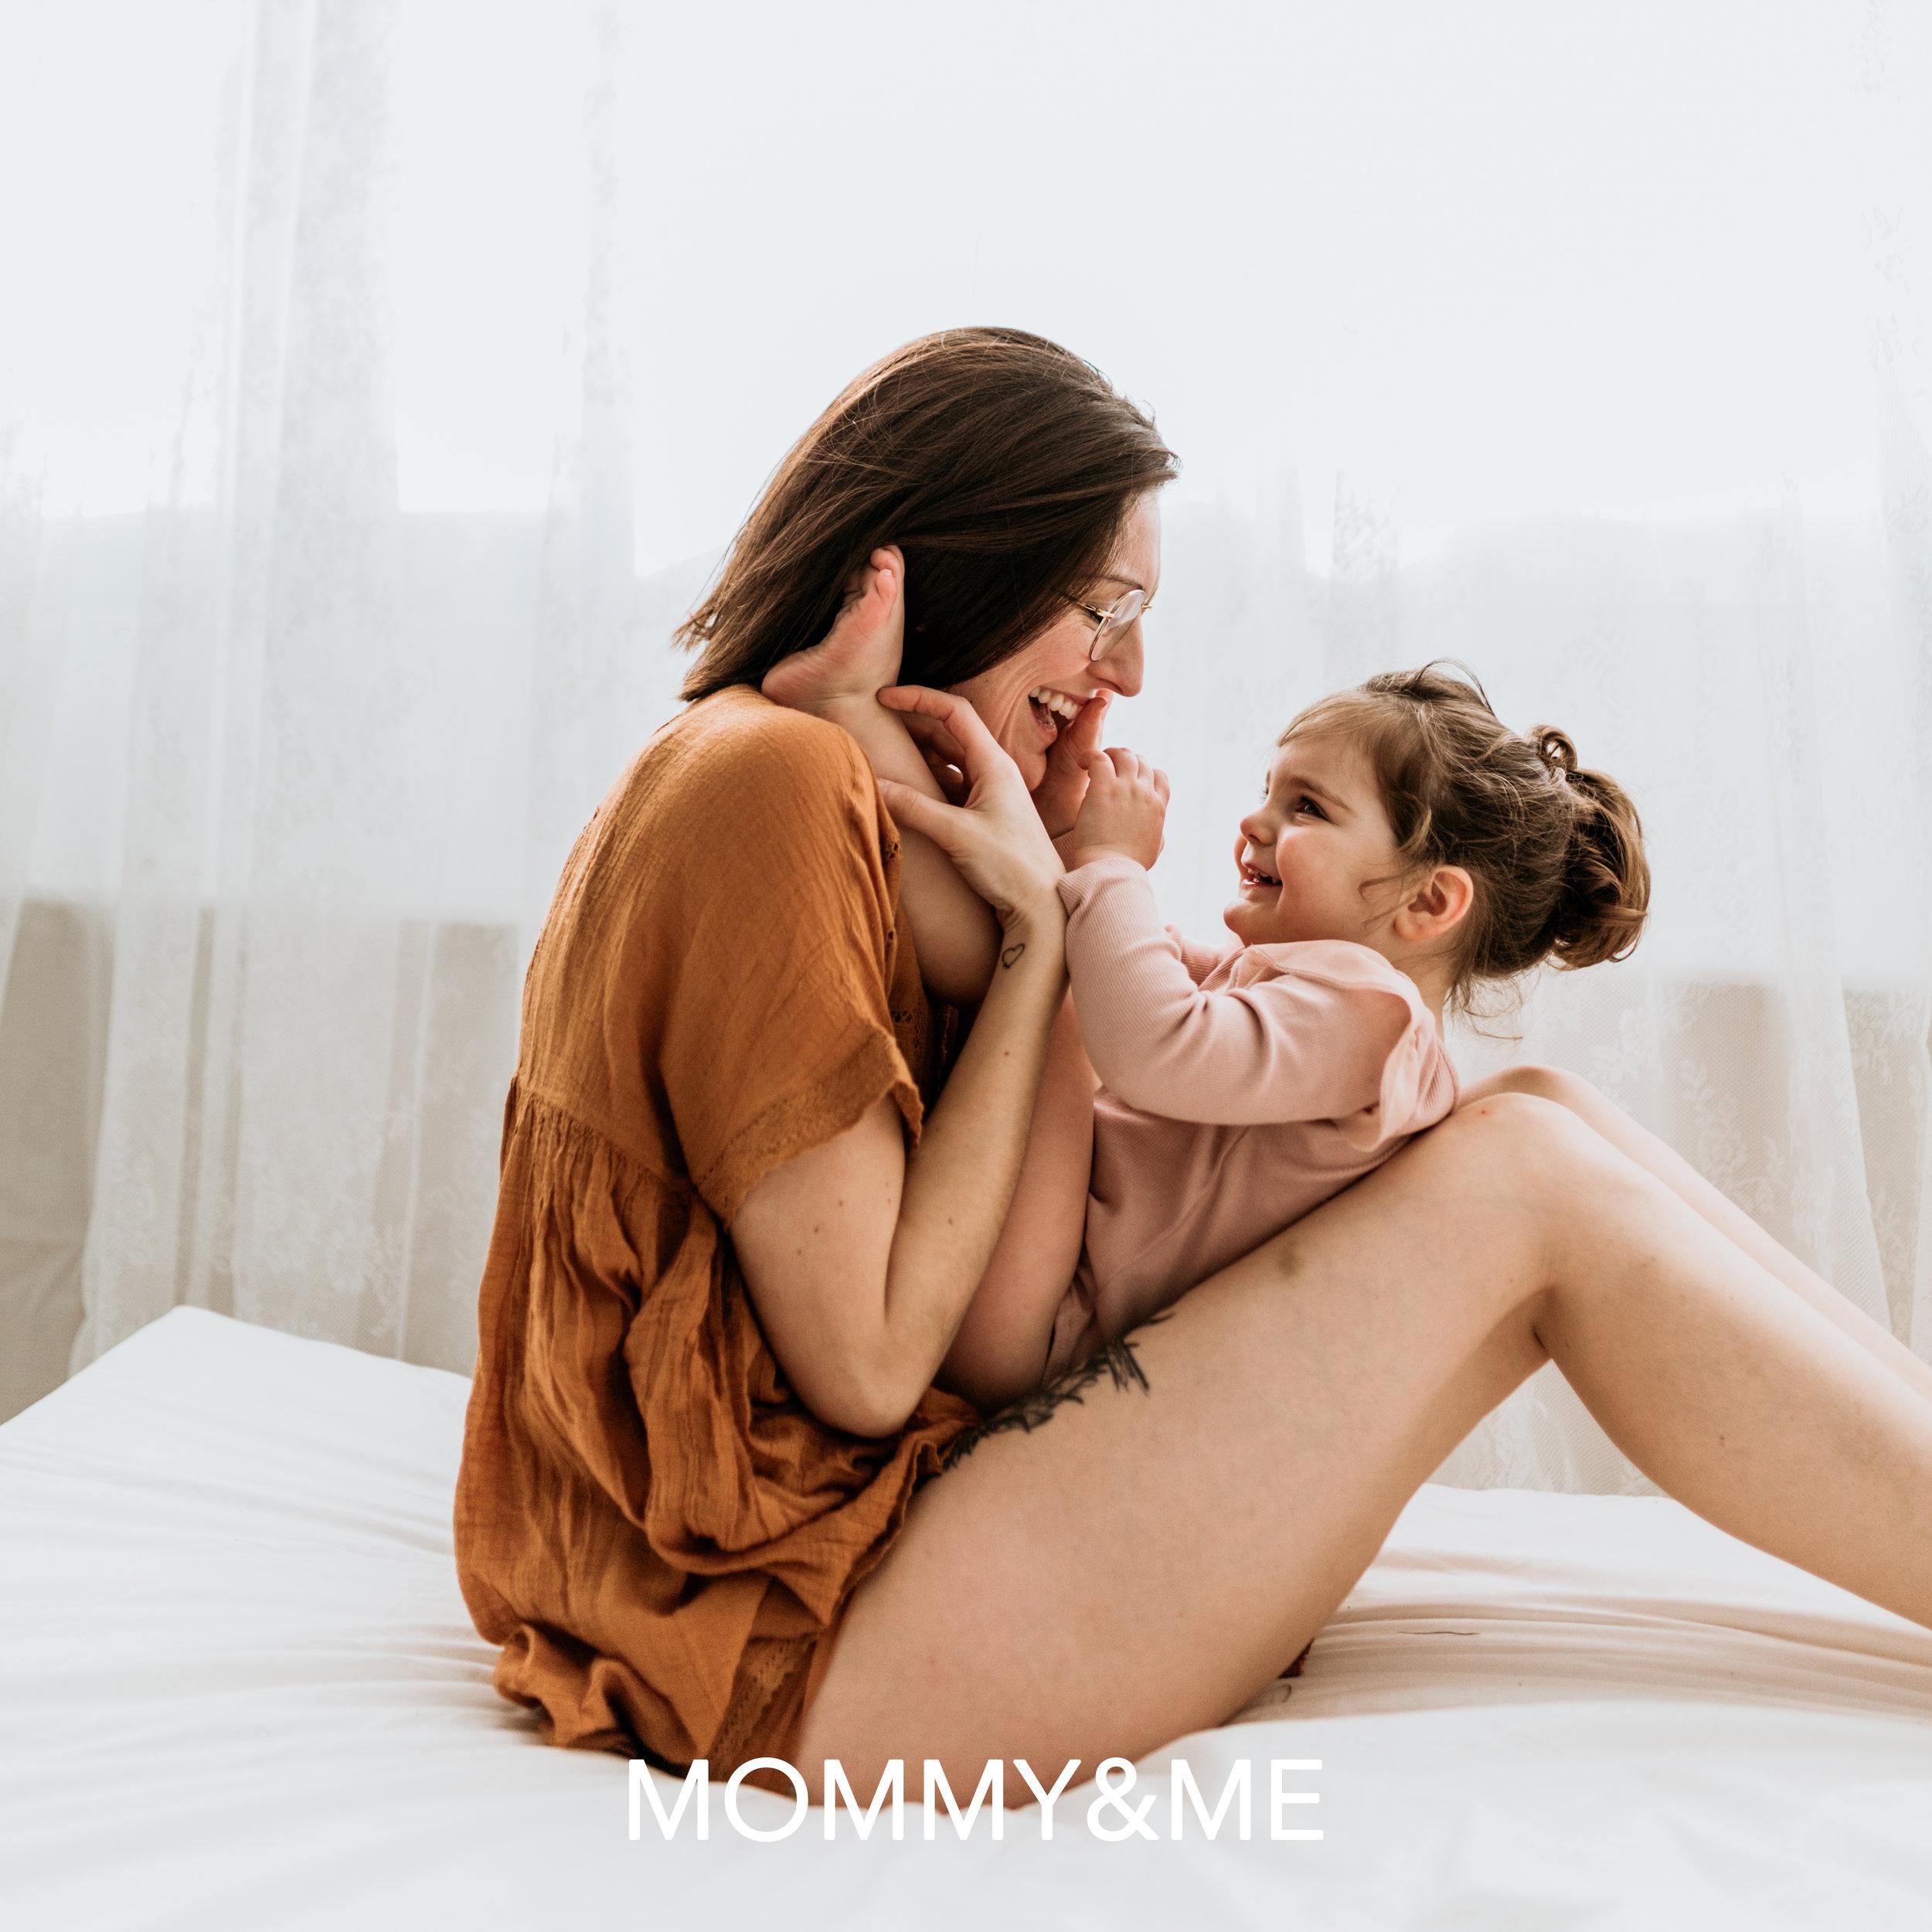 mommy-and-me-fotografie-lisa-helsen-herentals